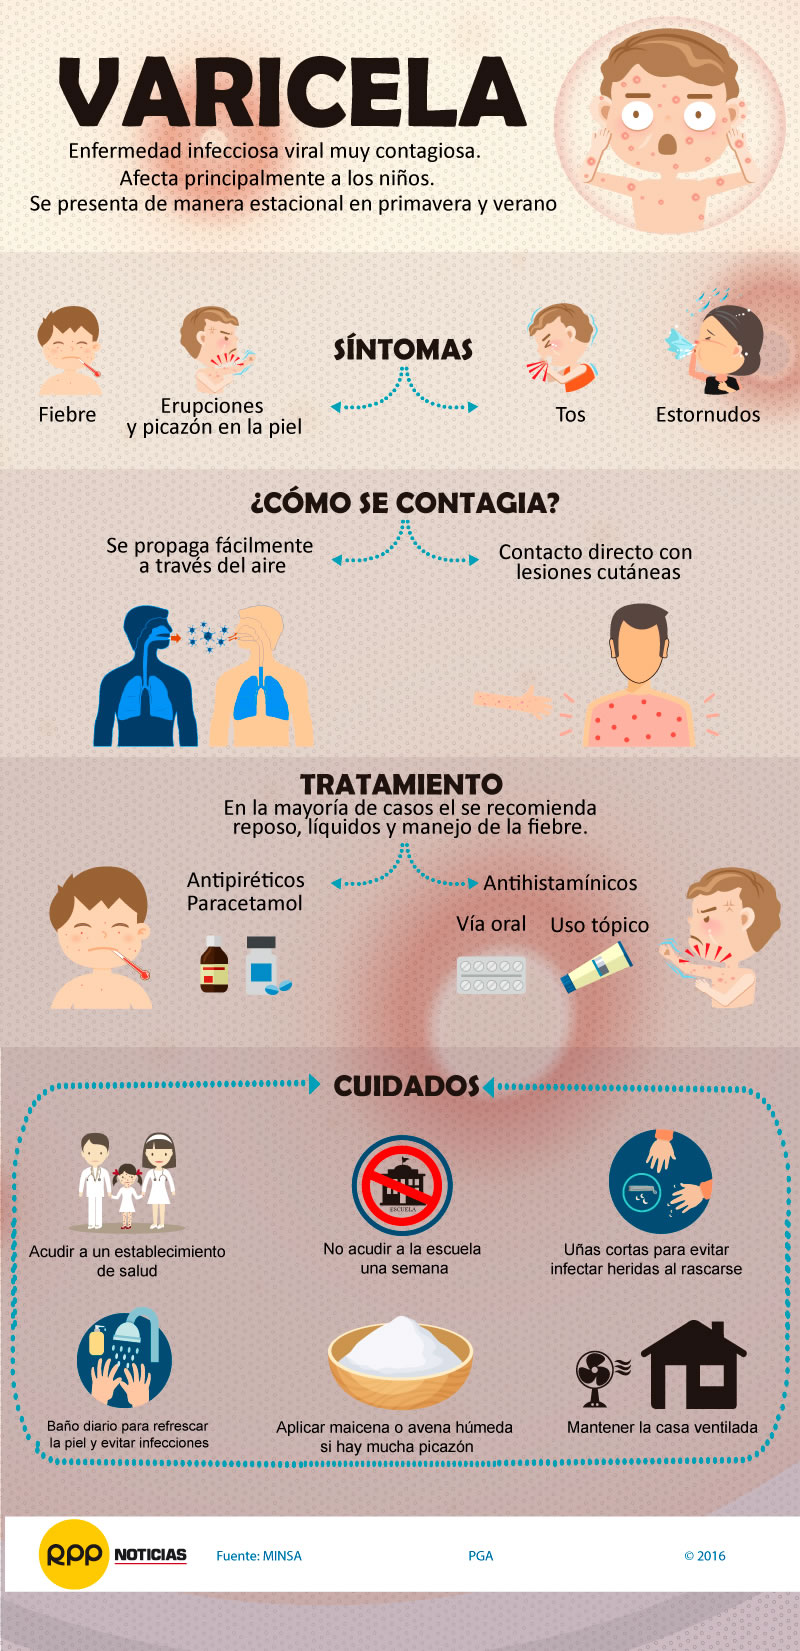 Varicela sintomas